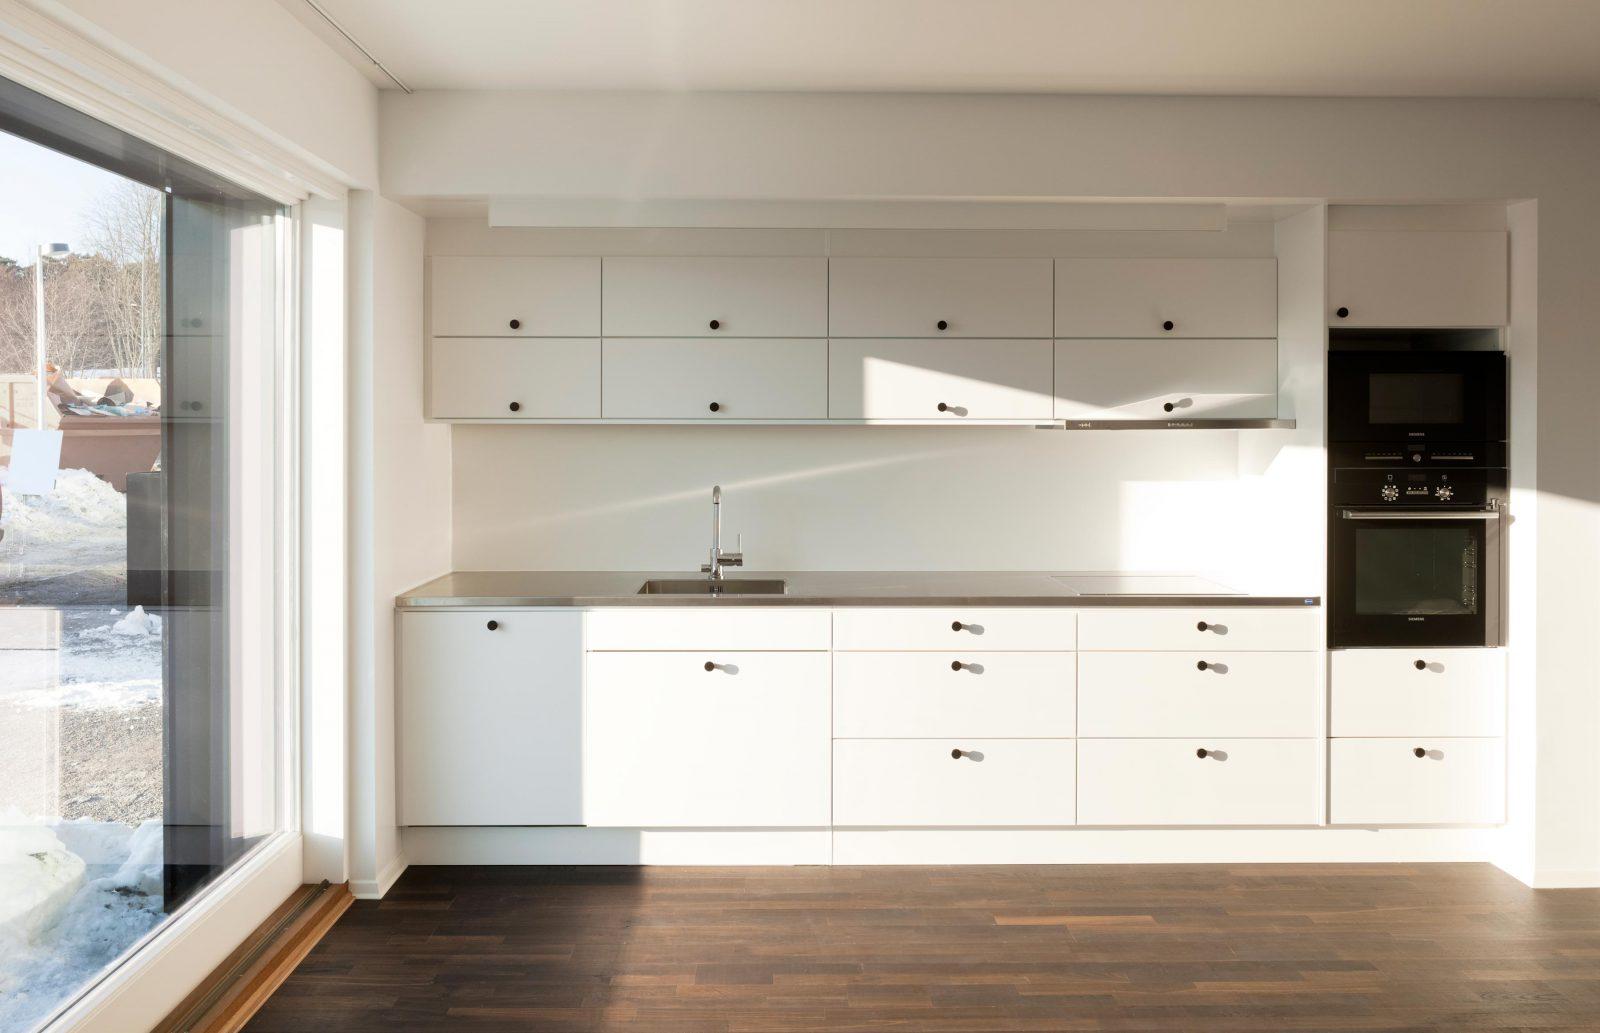 KjellanderSjoberg Sparsamheten kitchen